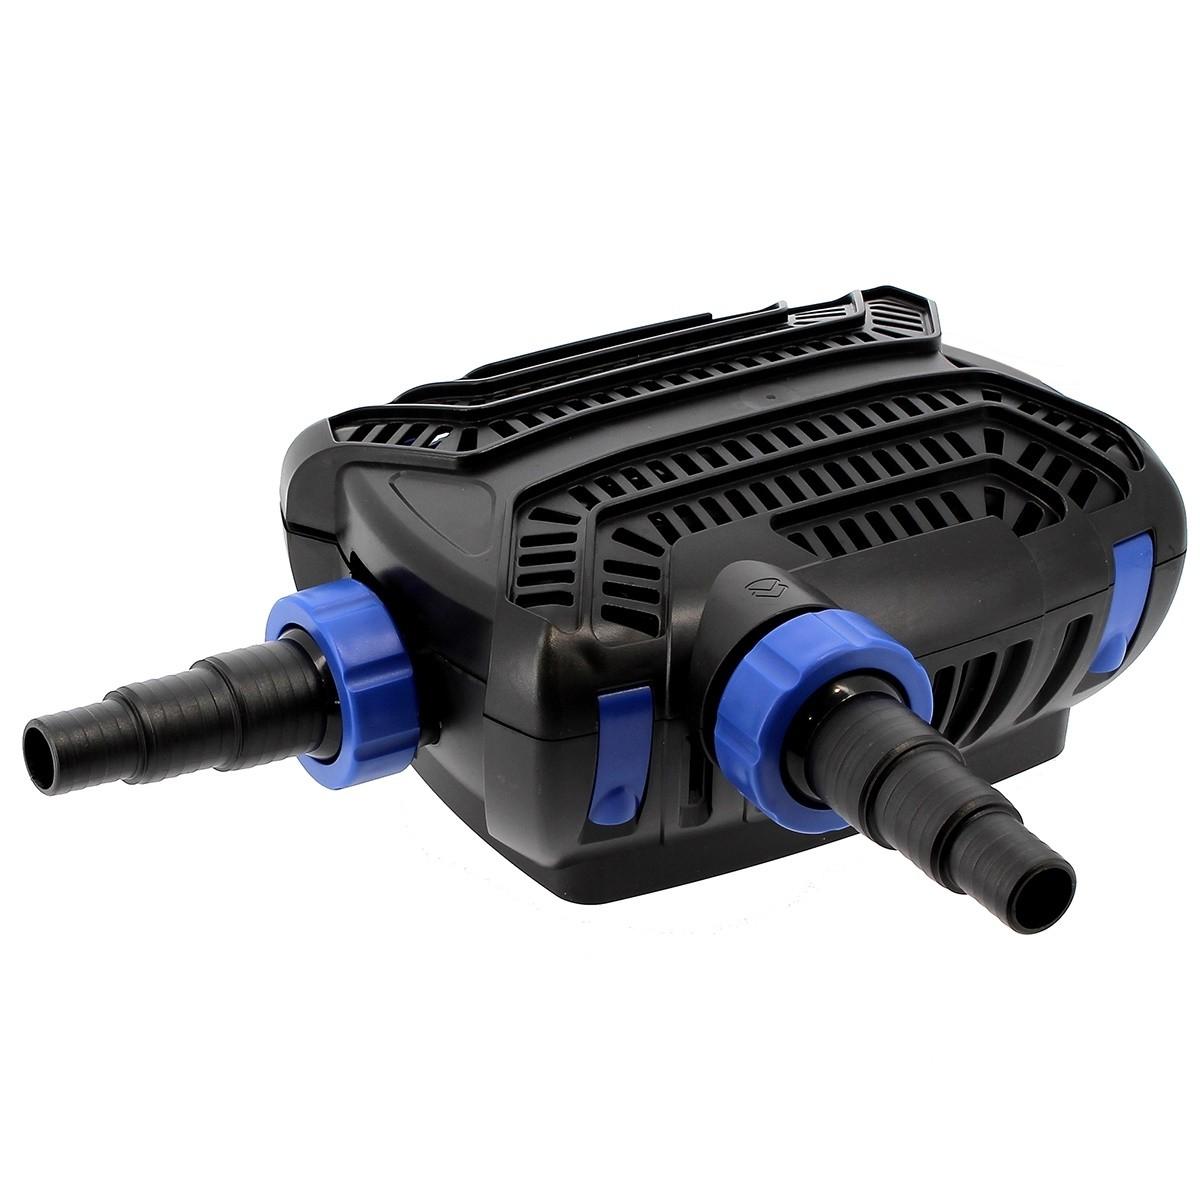 Pompe de bassin 40 W - Débit max 5200 litres/heure